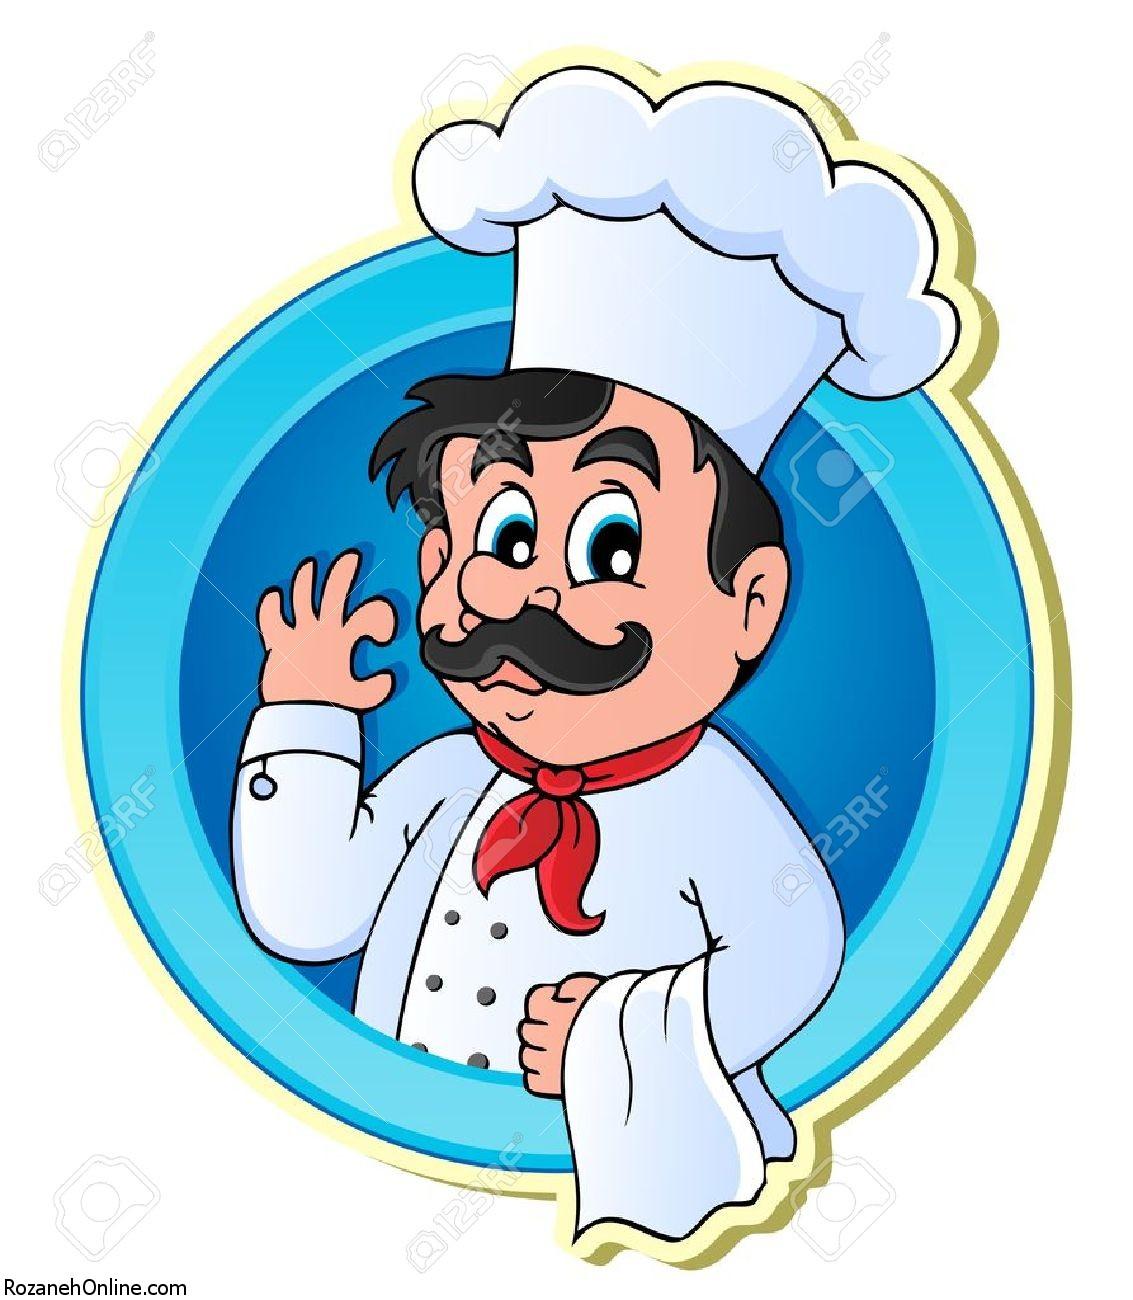 سرآشپز خوب شدن با داشتن این تکنیک ها